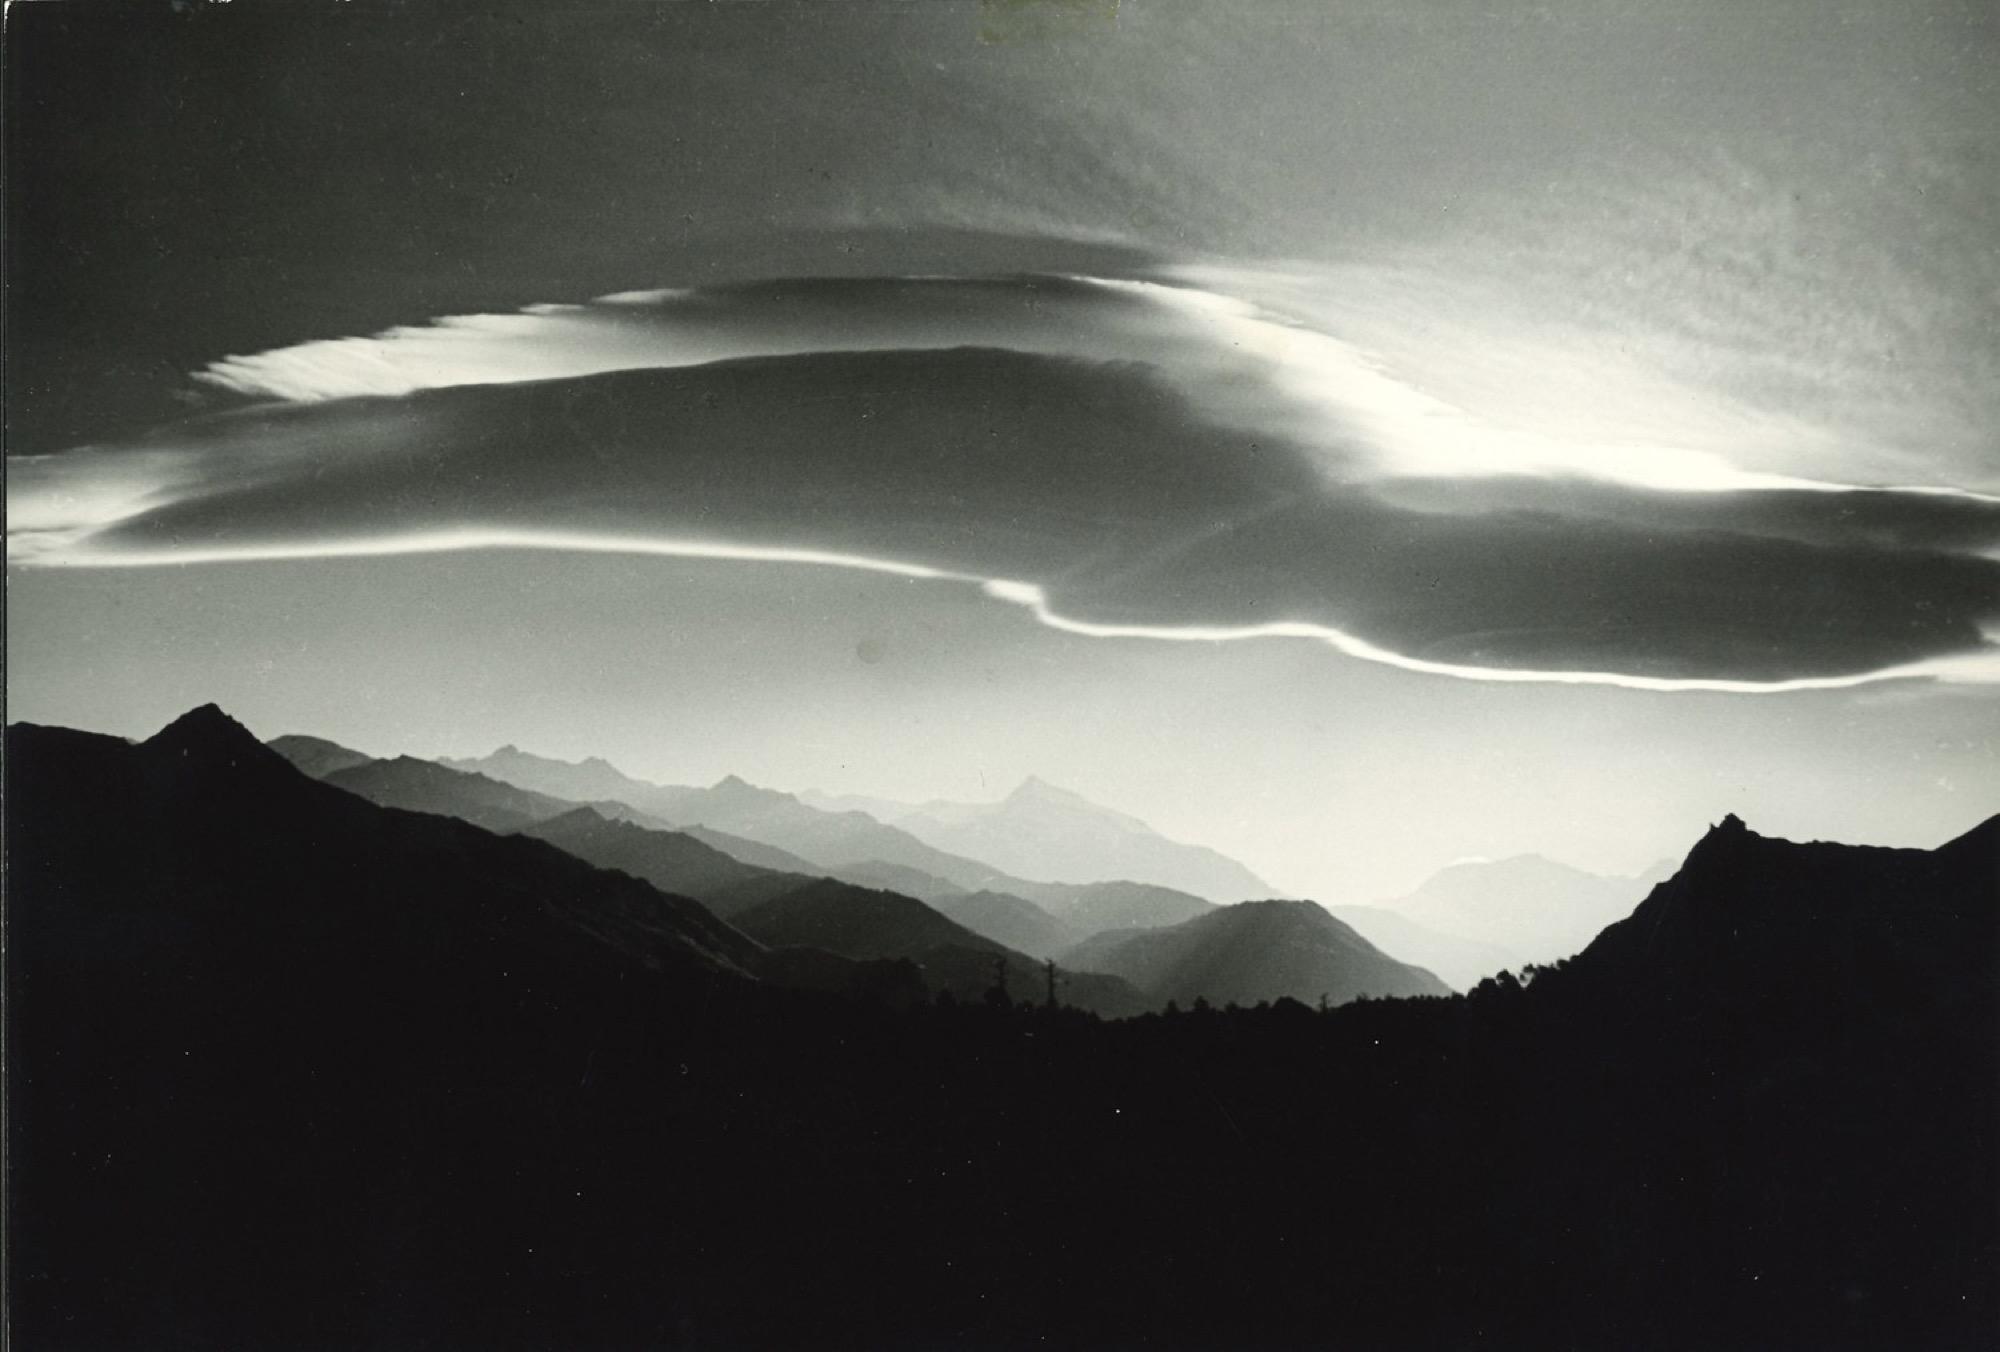 Riccardo Moncalvo (1915-2008) - L'imbocco della Valle di Susa, 1937 - Gelatin silver [...]